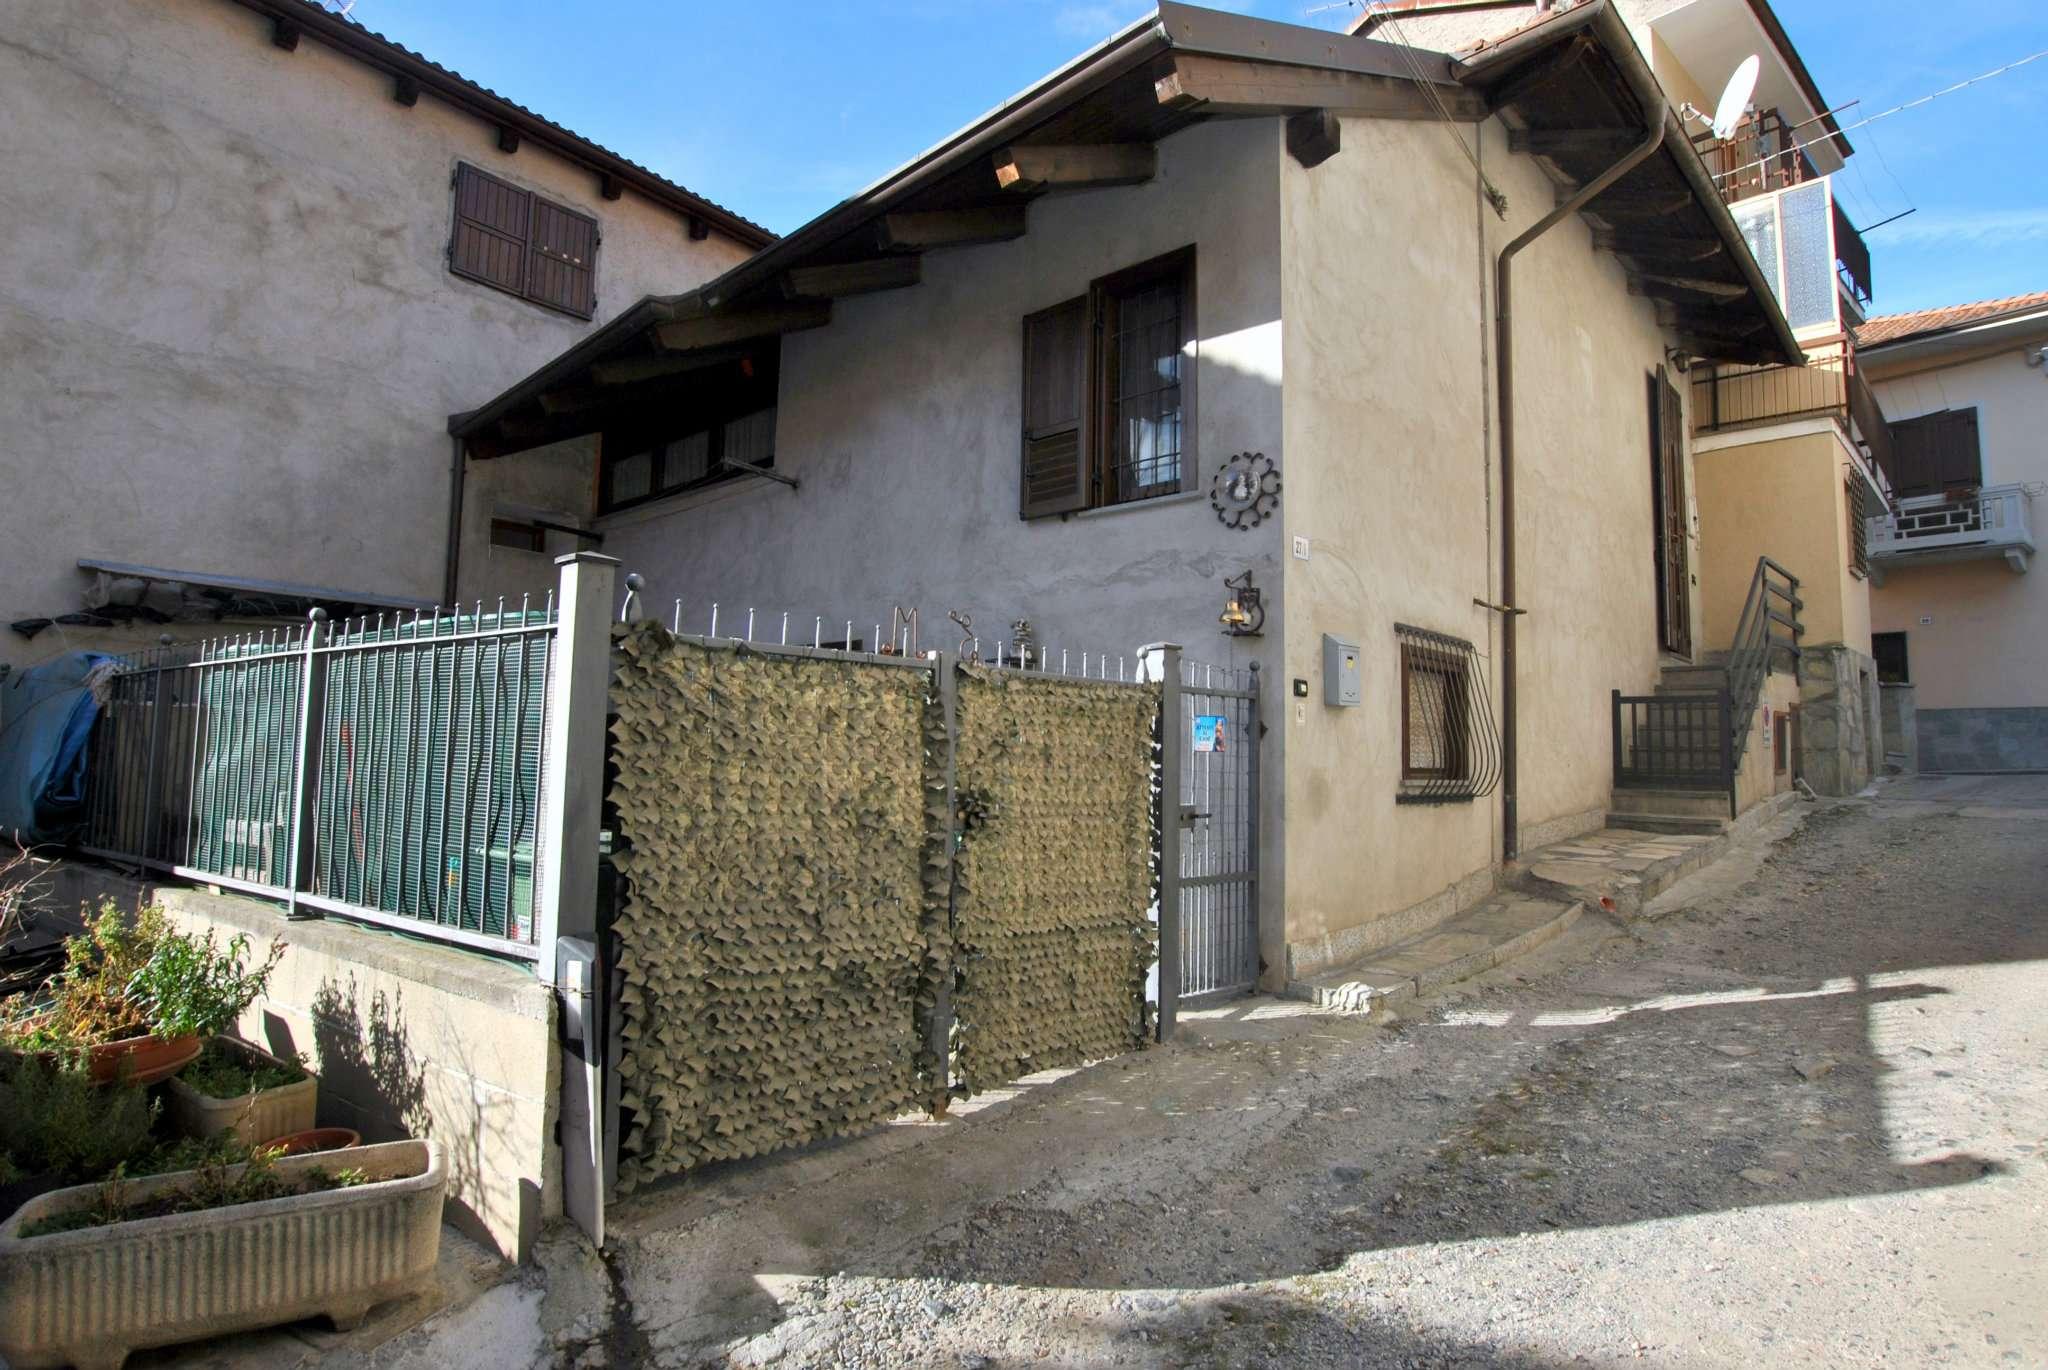 Soluzione Semindipendente in vendita a Bruzolo, 3 locali, prezzo € 58.000   CambioCasa.it